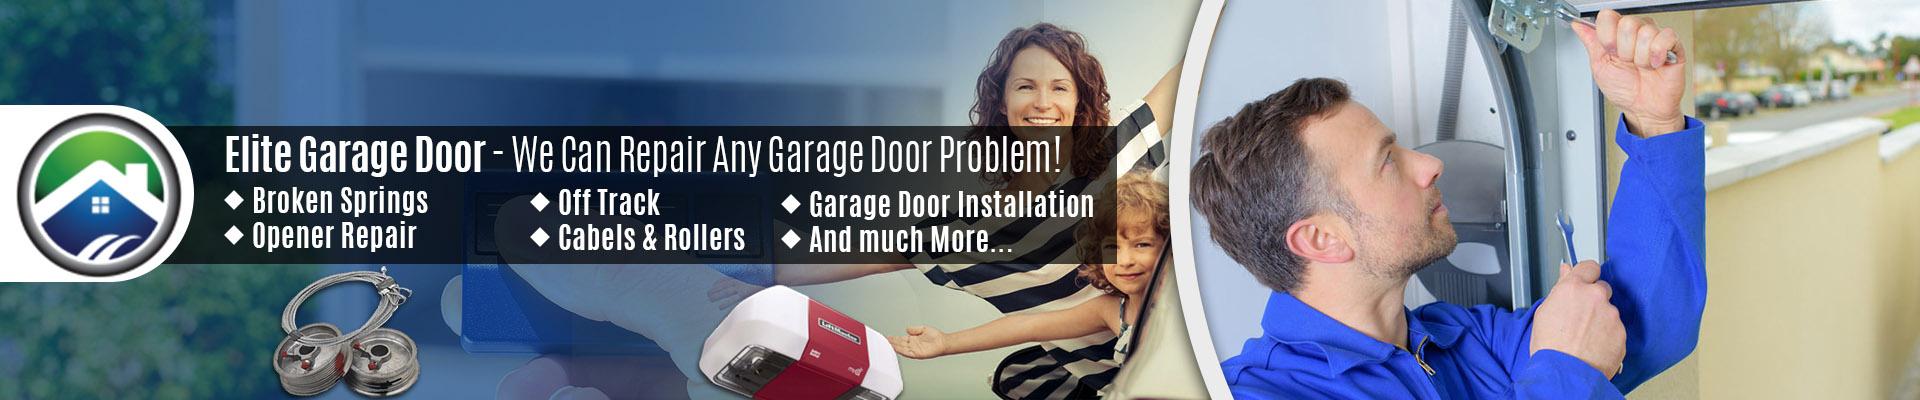 Garage Door Repair Redmond WA - Elite Tech Garage Door Services